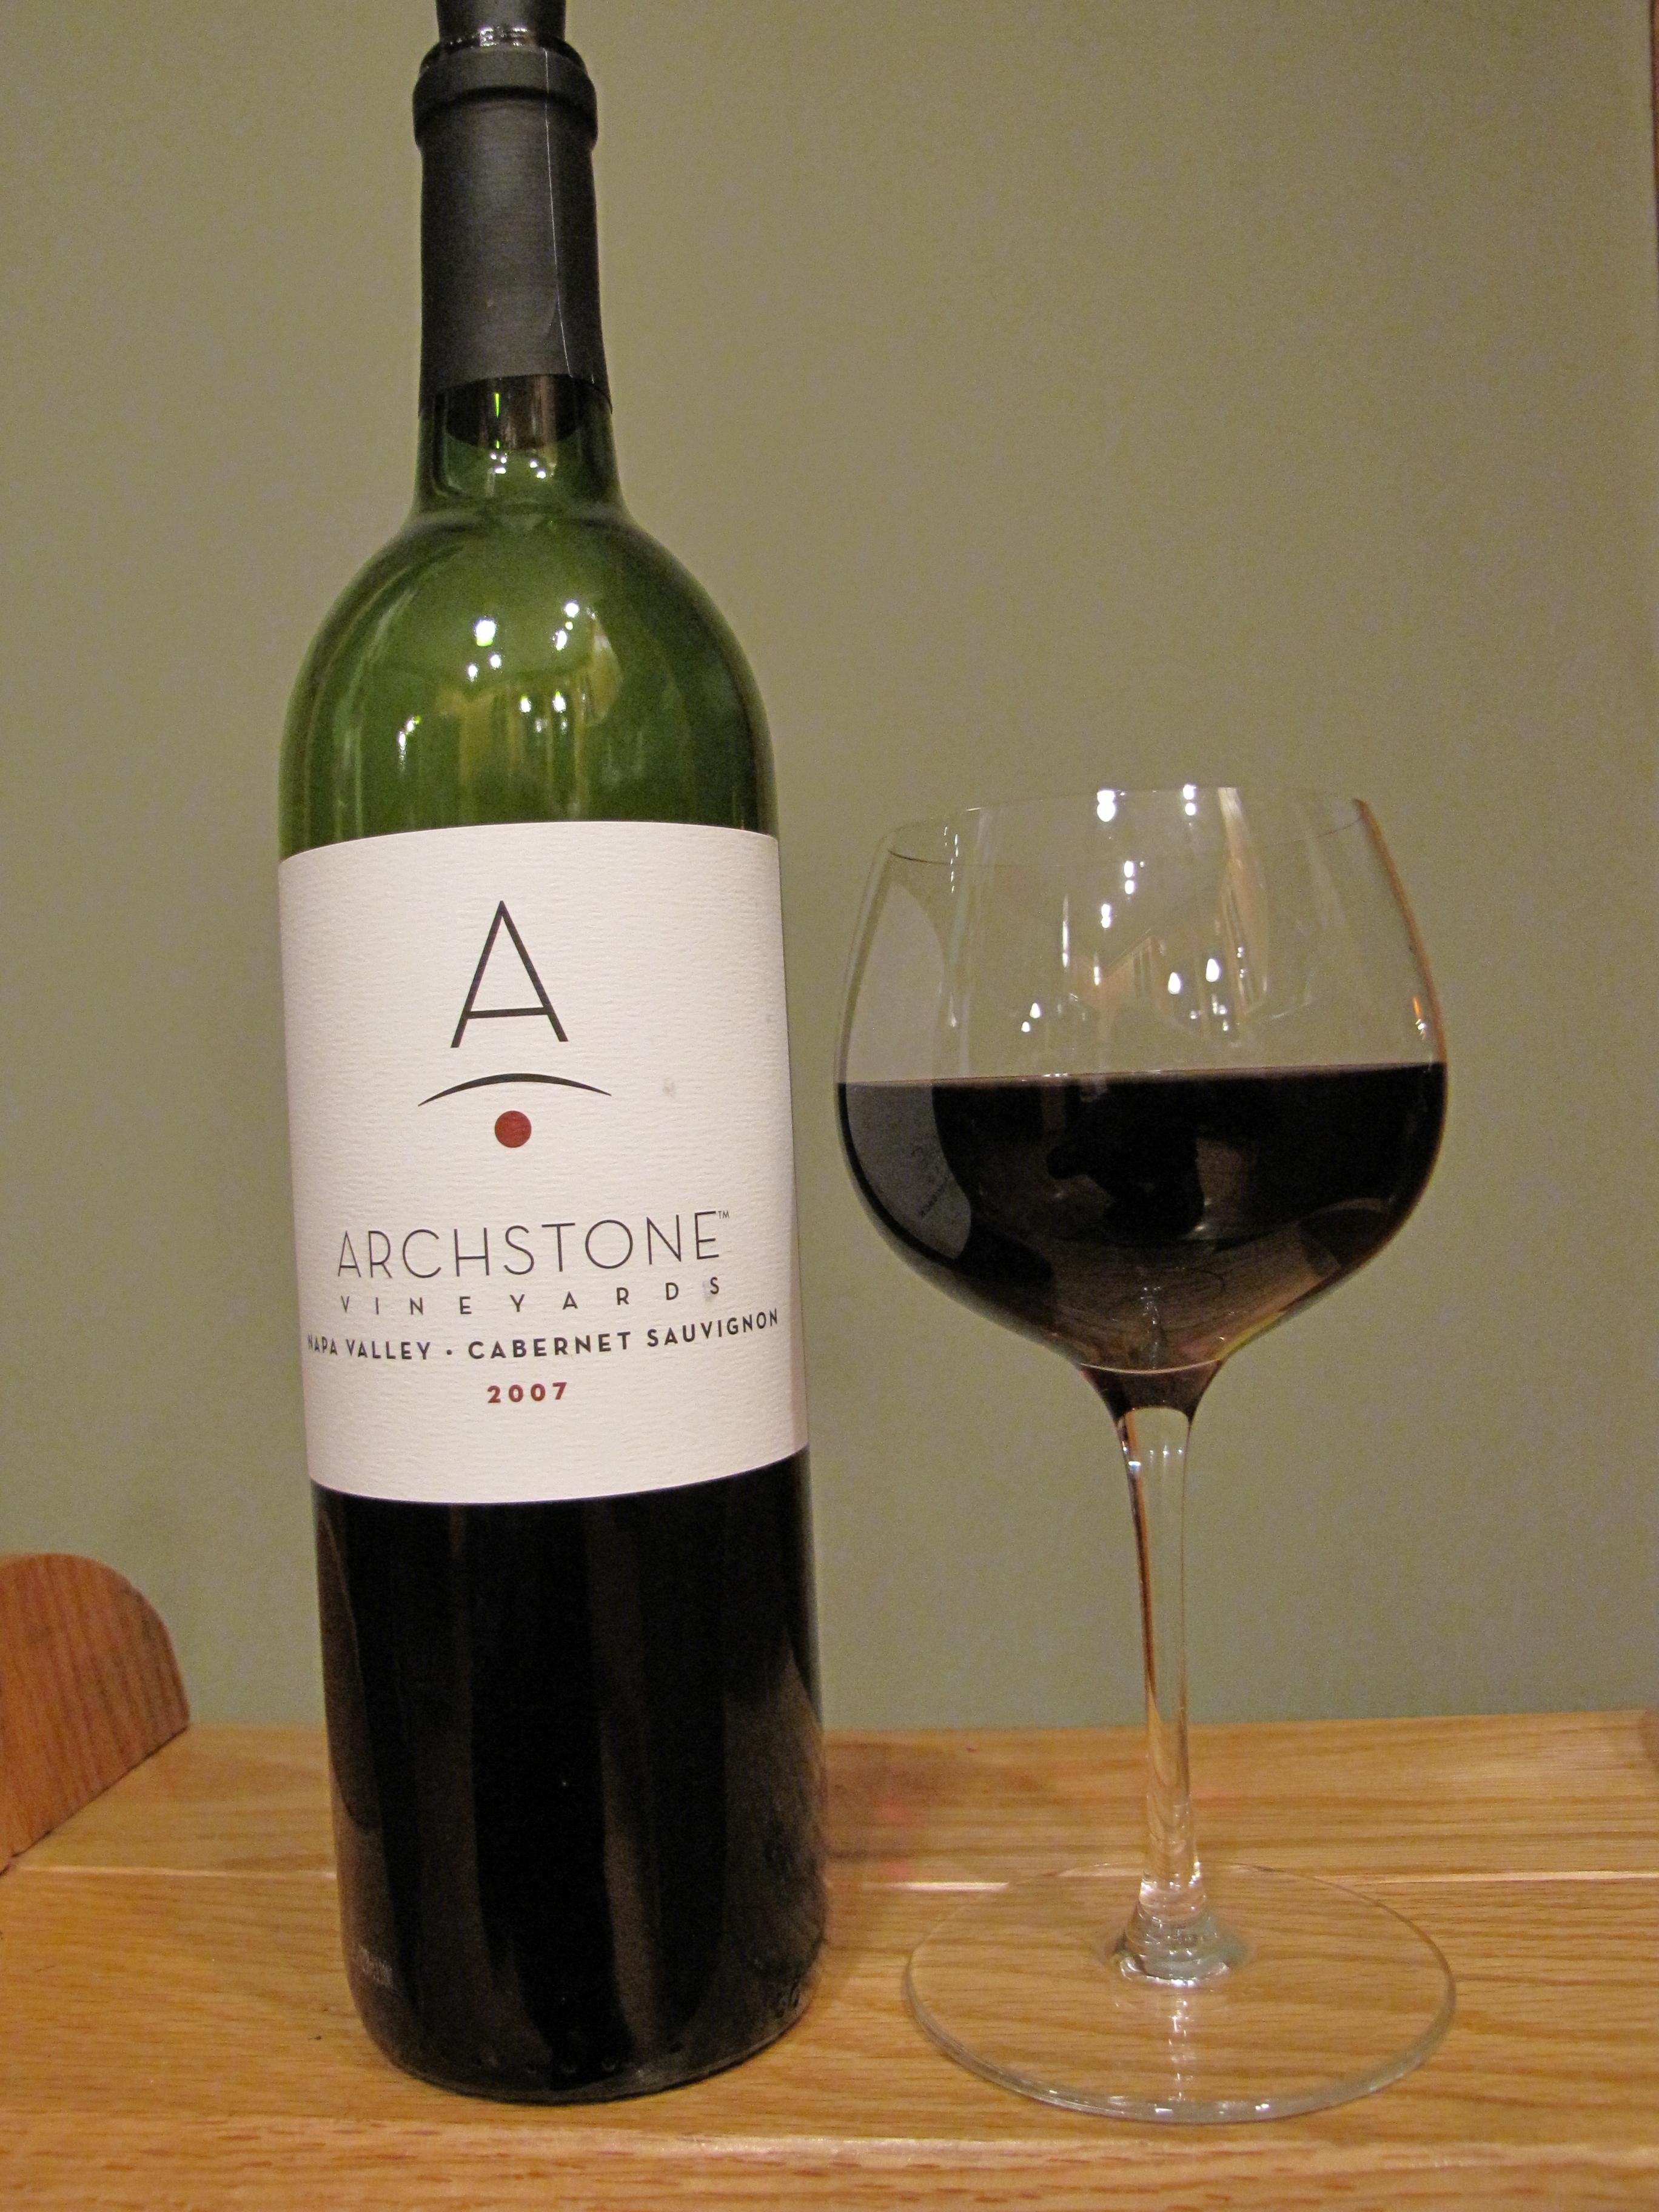 Archstone Cabernet Sauvignon (2007)